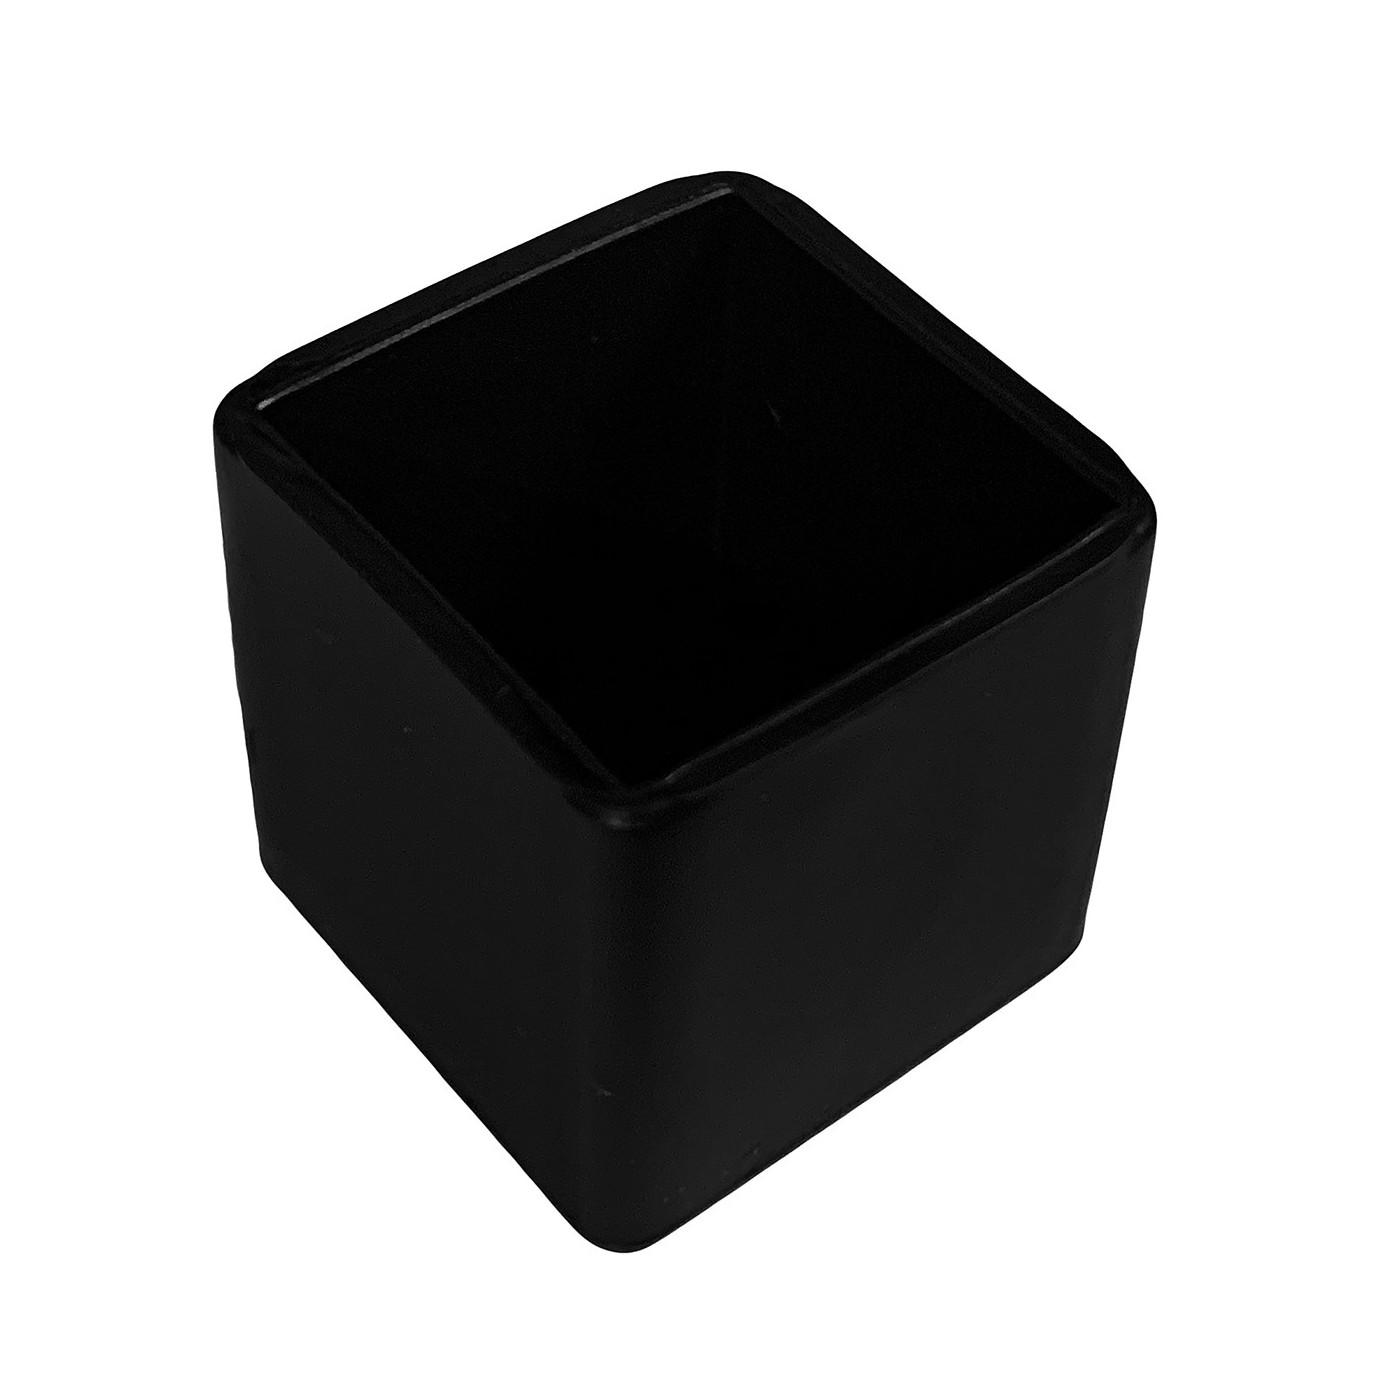 Jeu de 32 couvre-pieds de chaise en silicone (extérieur, carré, 38 mm, noir) [O-SQ-38-B]  - 1